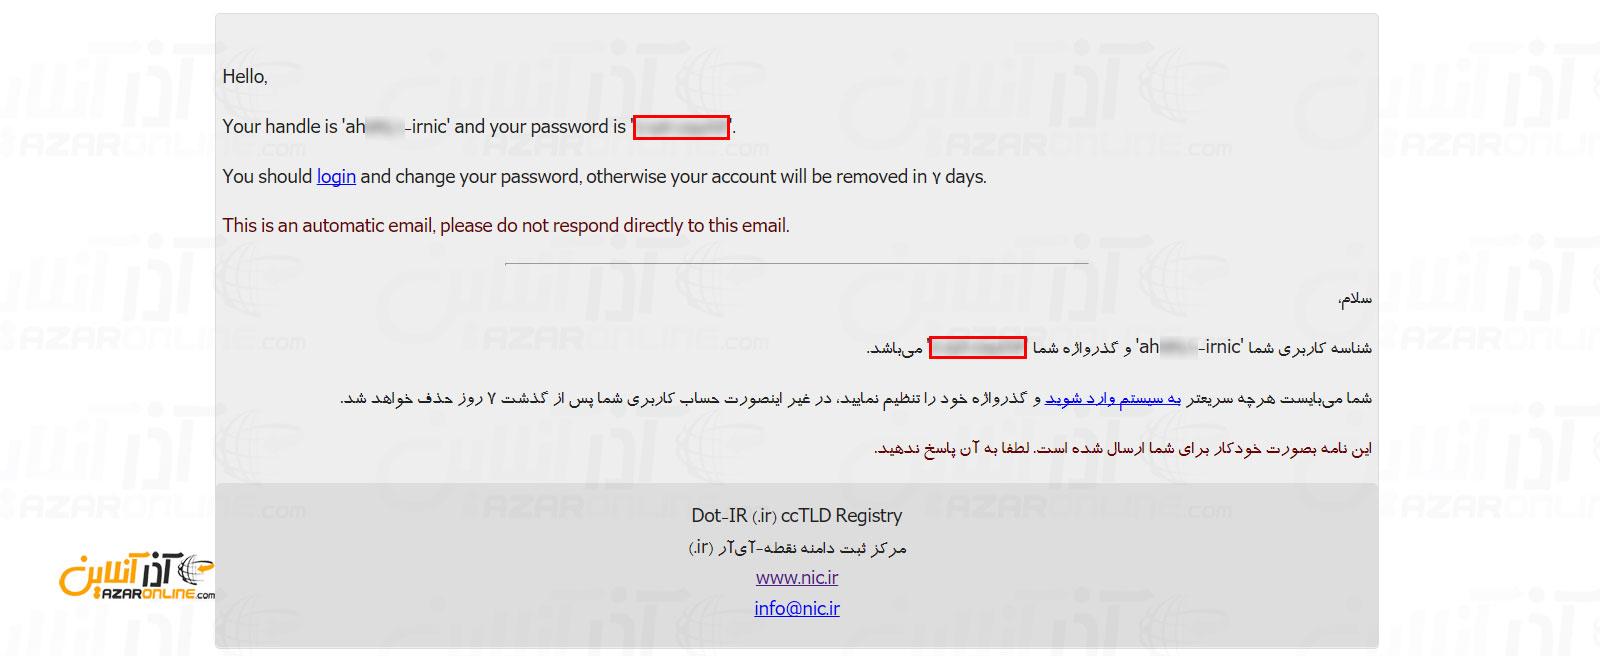 نمونه ایمیل دریافتی از Irnic